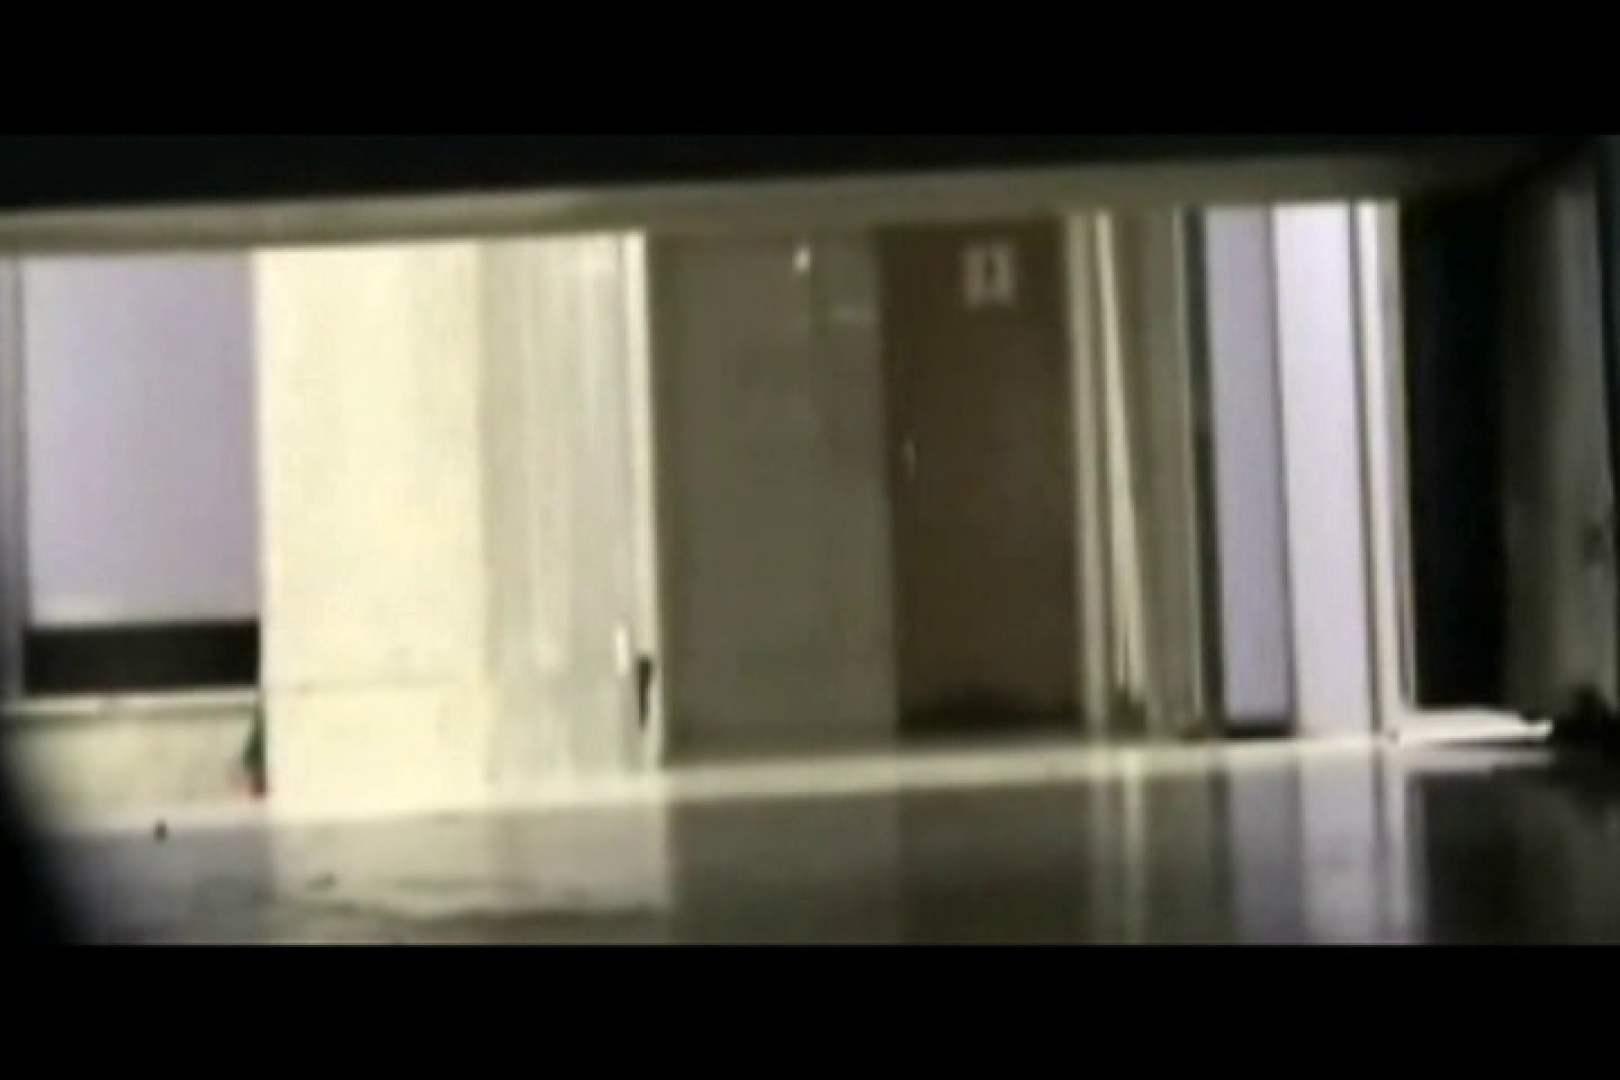 ぼっとん洗面所スペシャルVol.17 洗面所 覗きワレメ動画紹介 74PICs 5